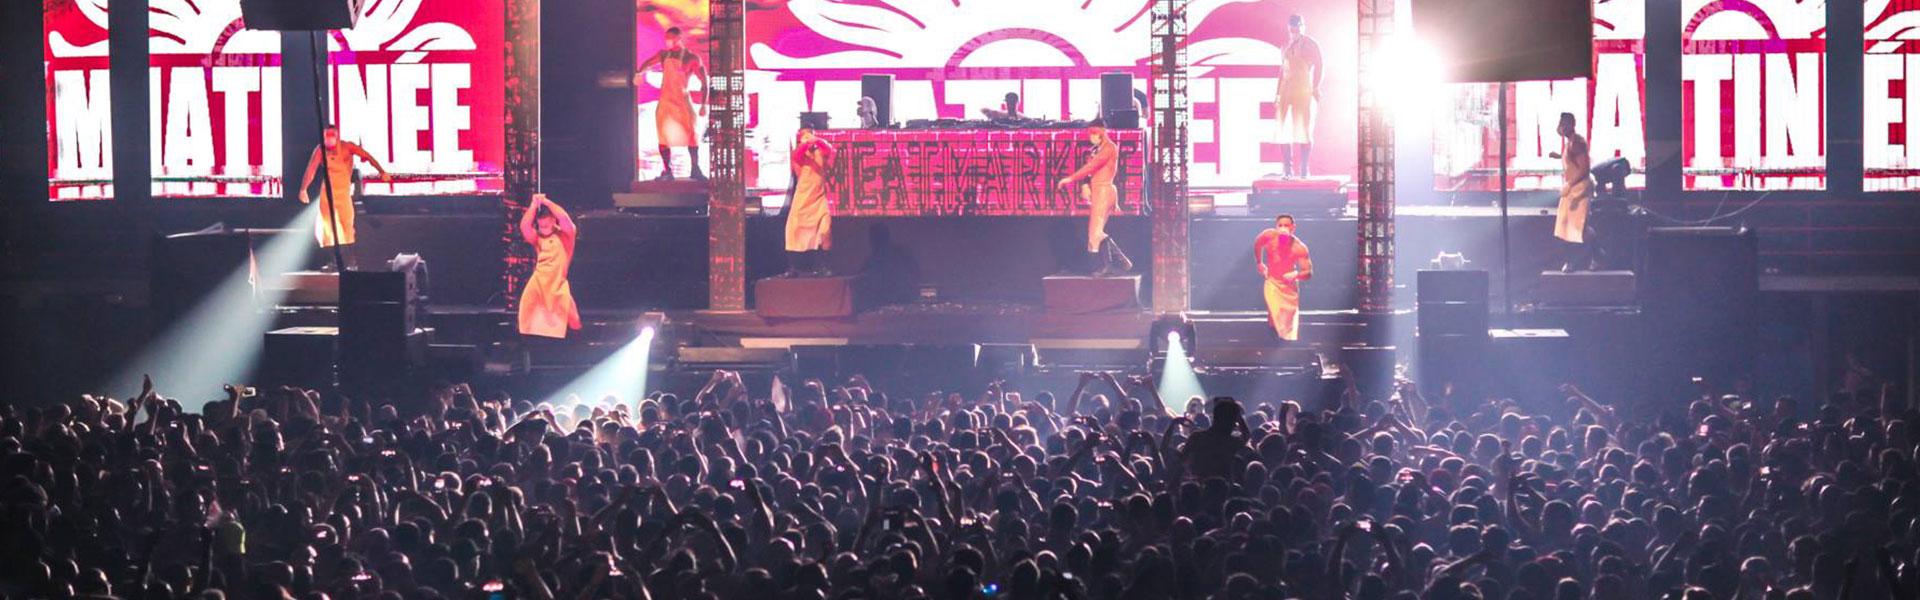 circuit-festival-2017-photos-5